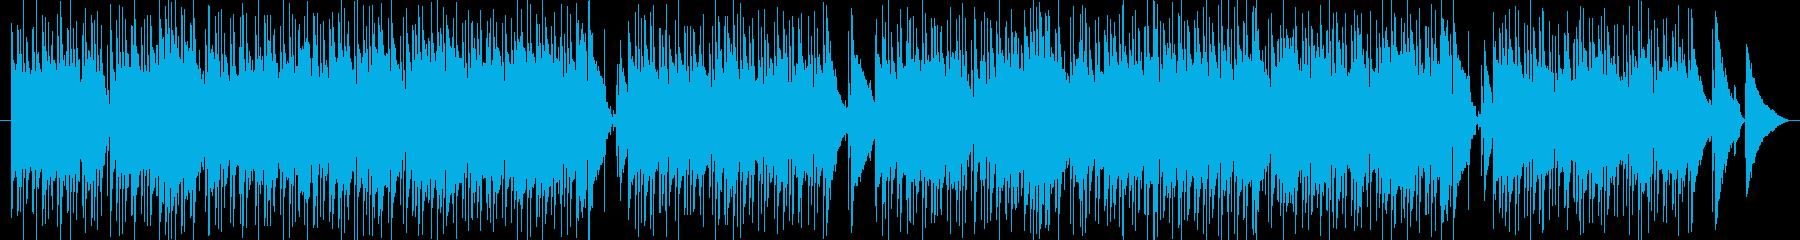 穏やかなフルートボサノバの再生済みの波形